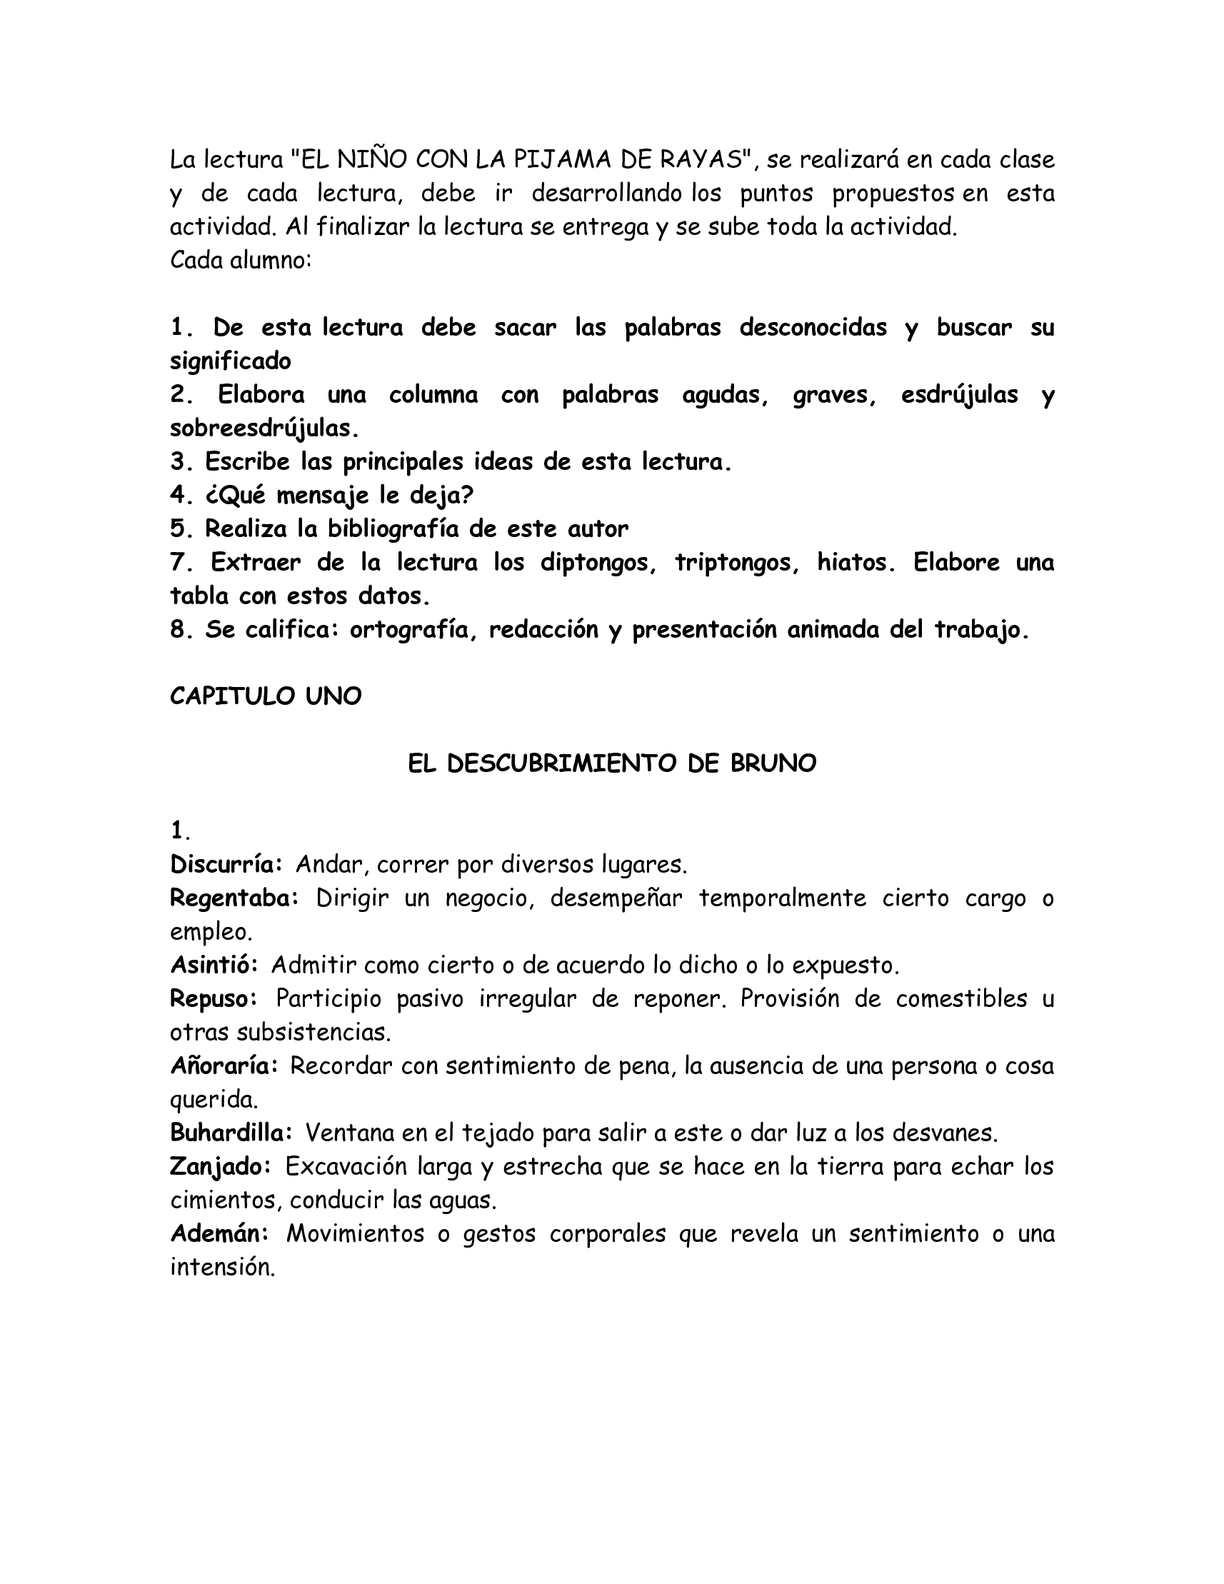 Calaméo - EL NIÑO DE LA PIJAMA CON RAYAS.